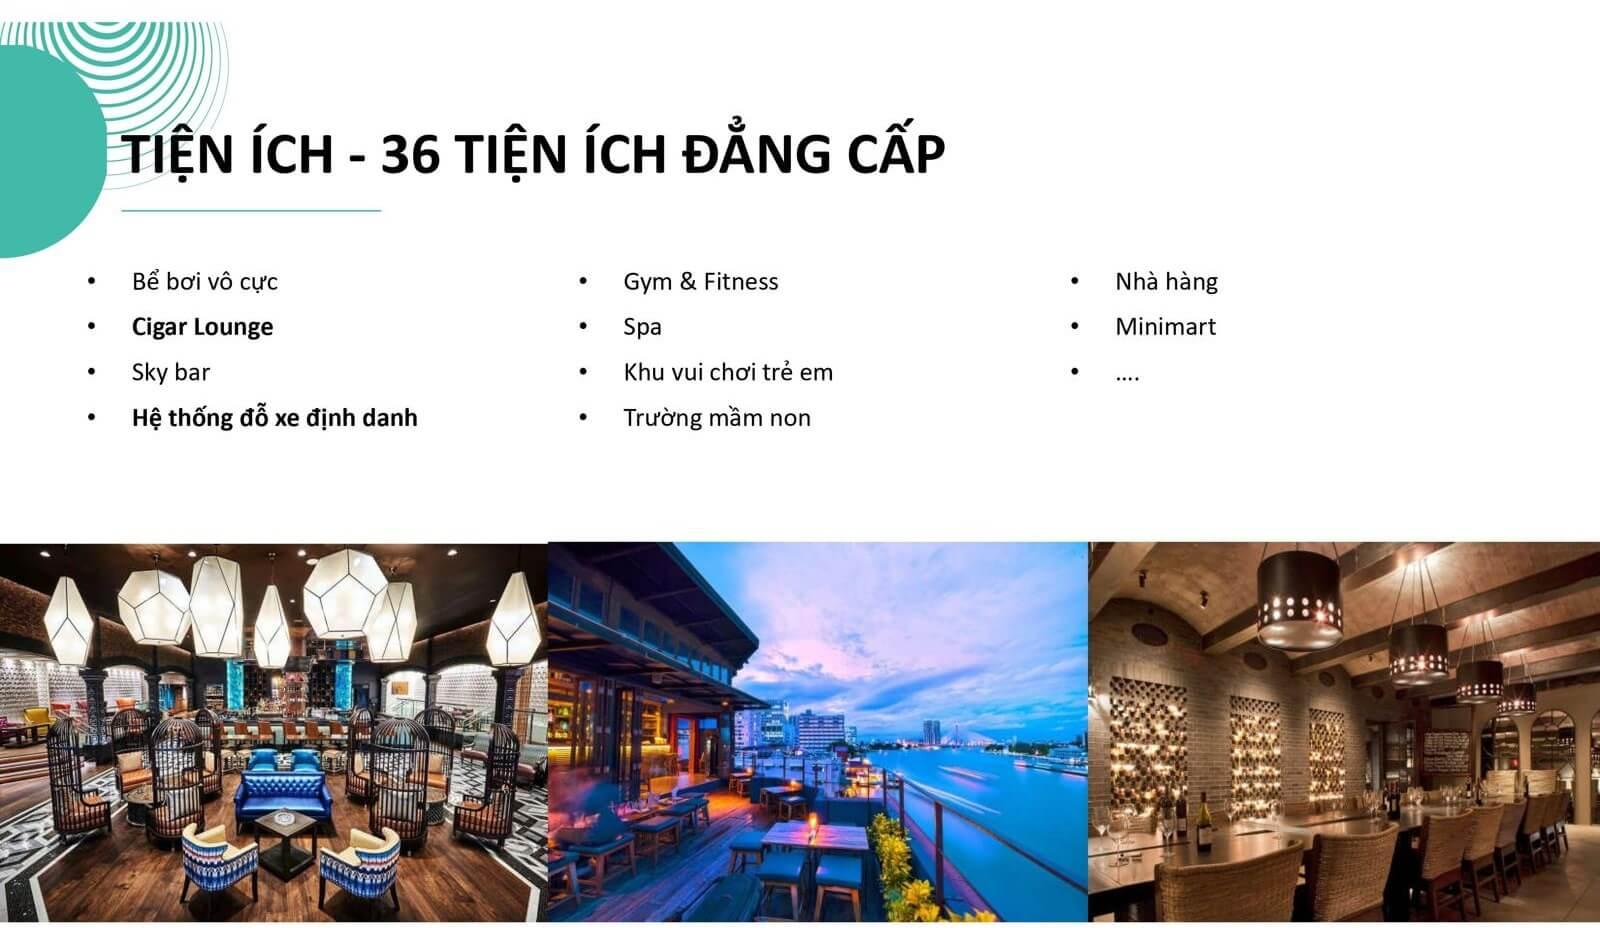 Tiện ích dự án căn hộ cao cấp The 6Nature Đà Nẵng